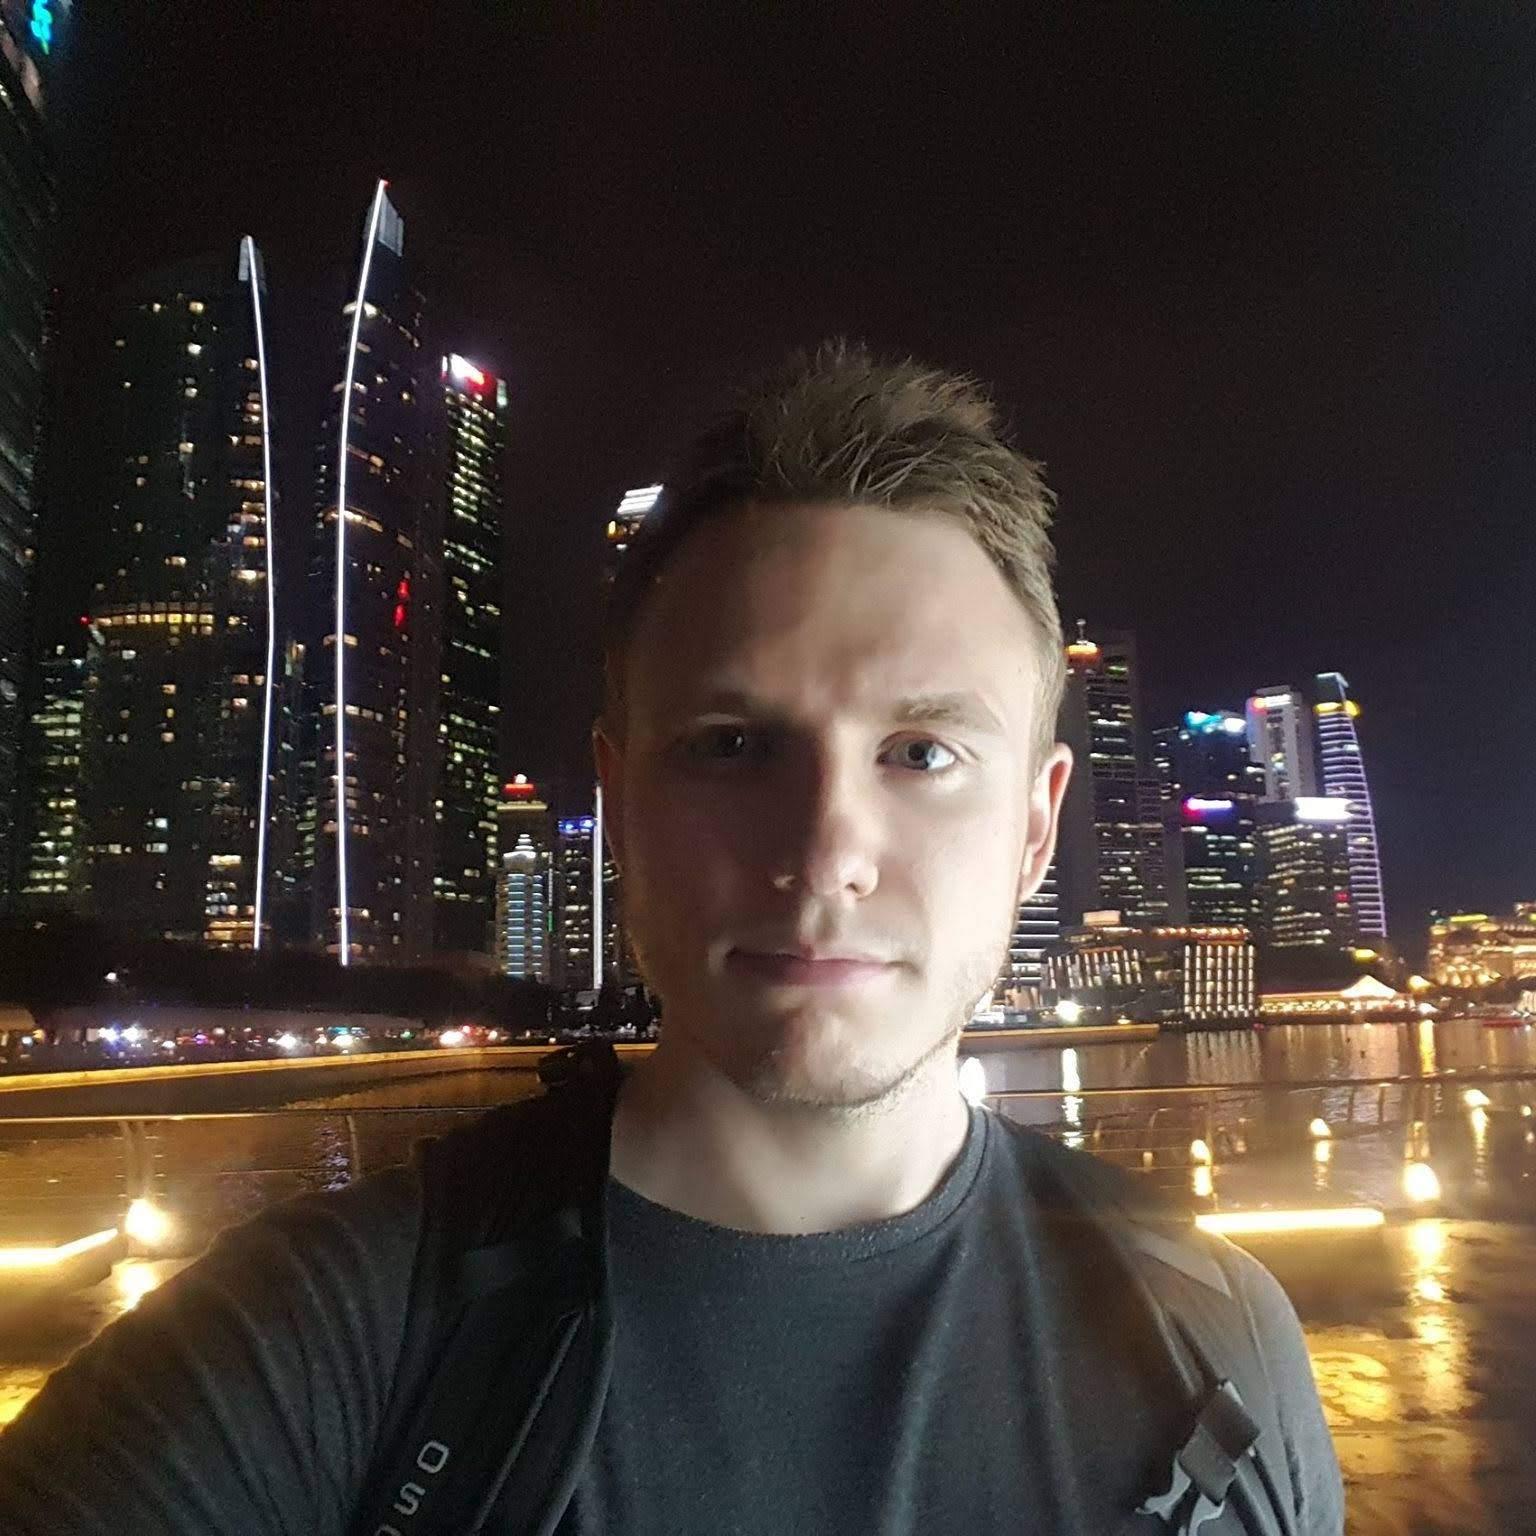 Marek Walkowiak